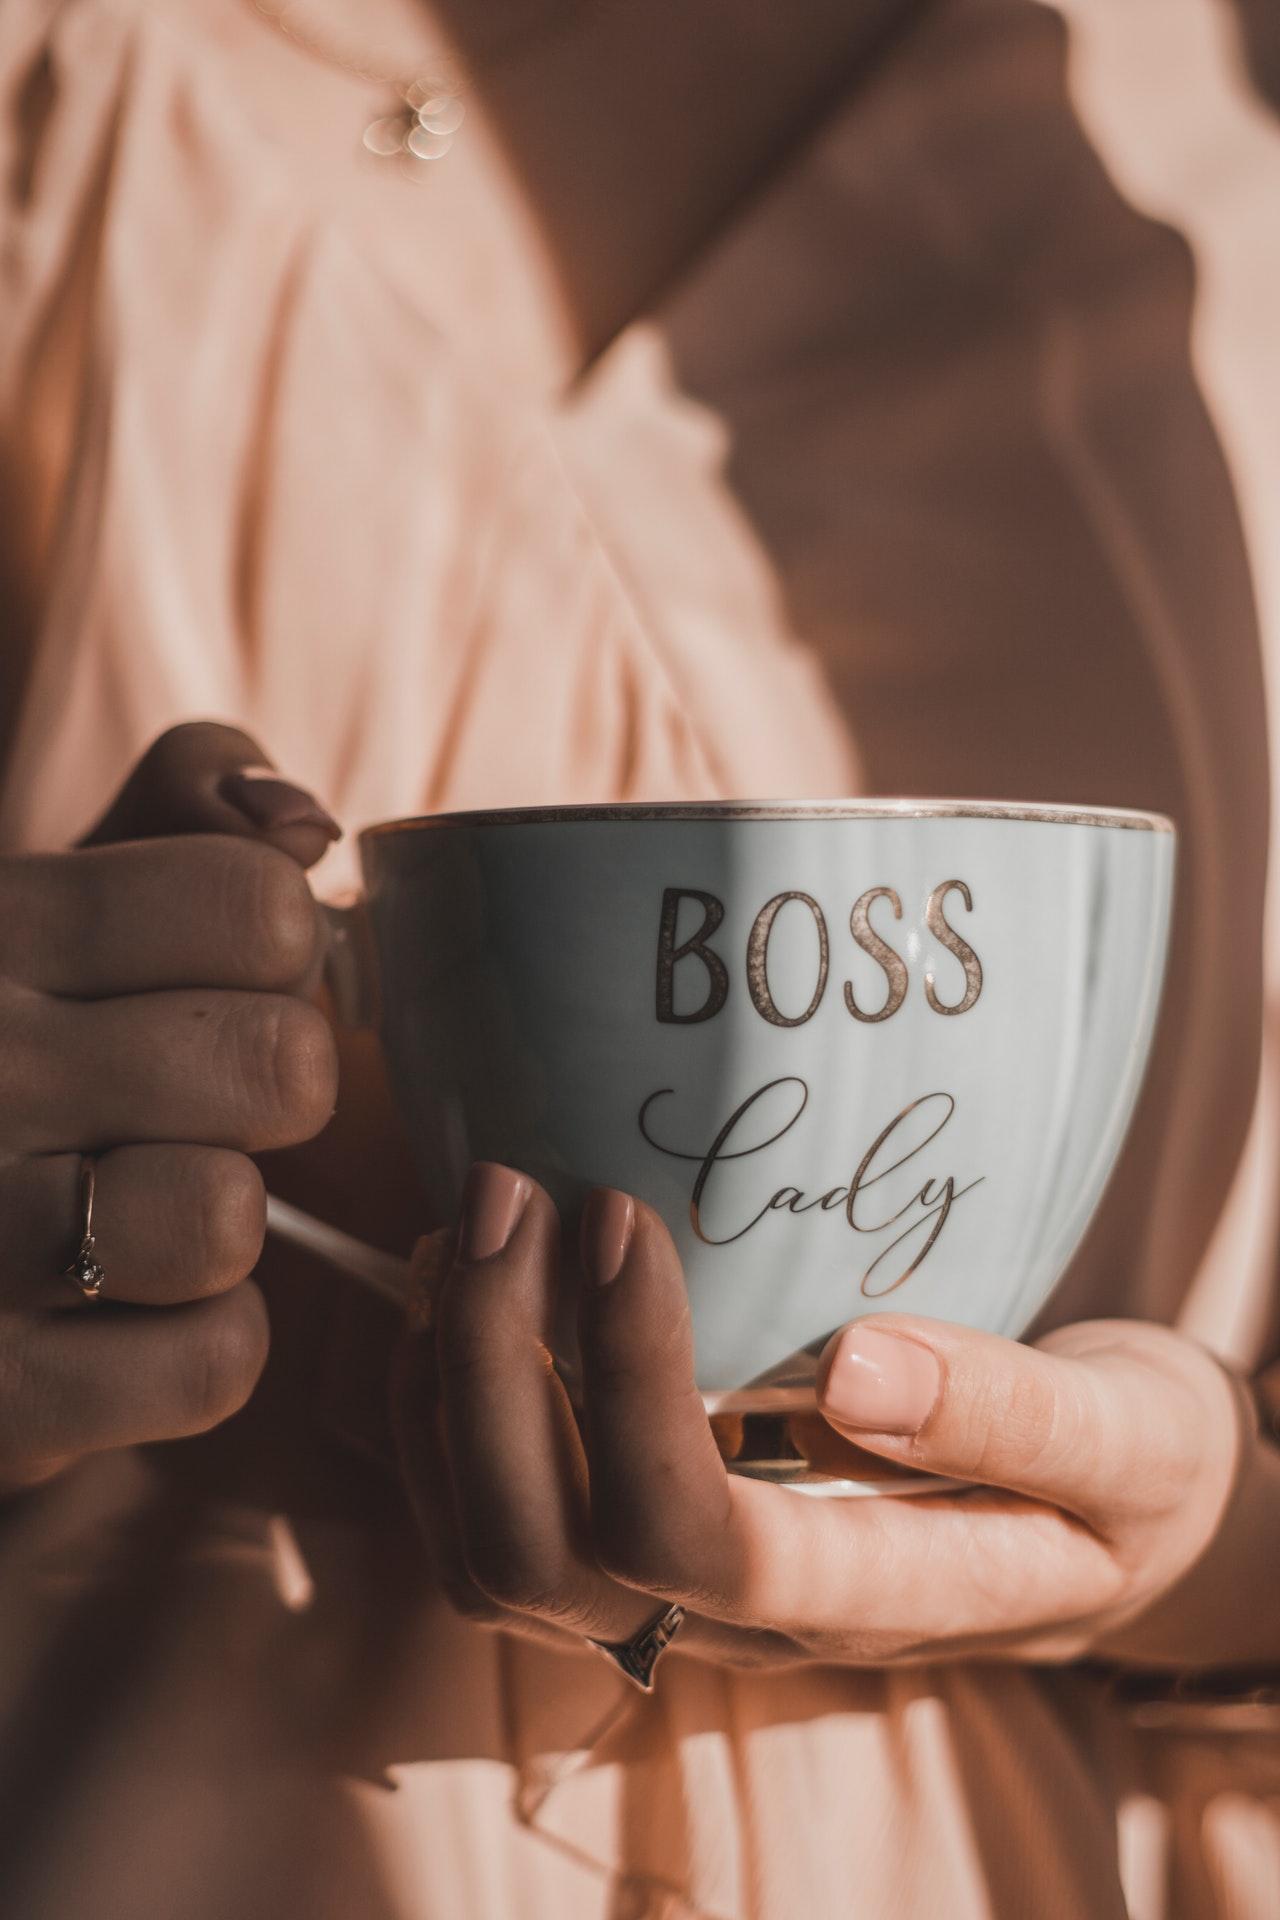 Woman holding a Boss Lady mug